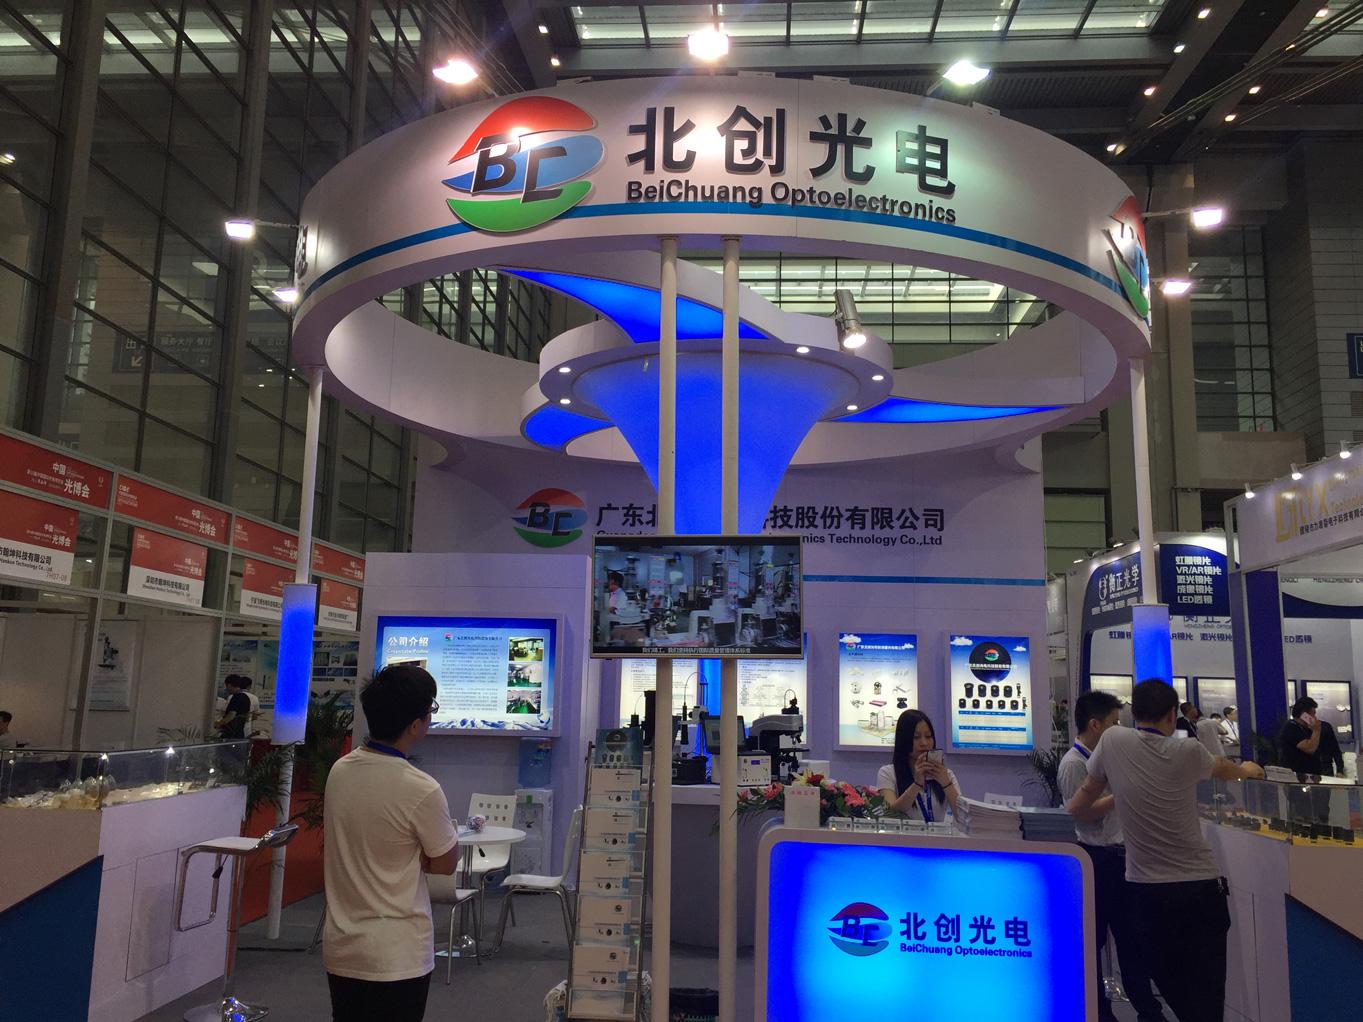 - 污黄色软件光電精彩亮相第19屆中國國際光電博覽會